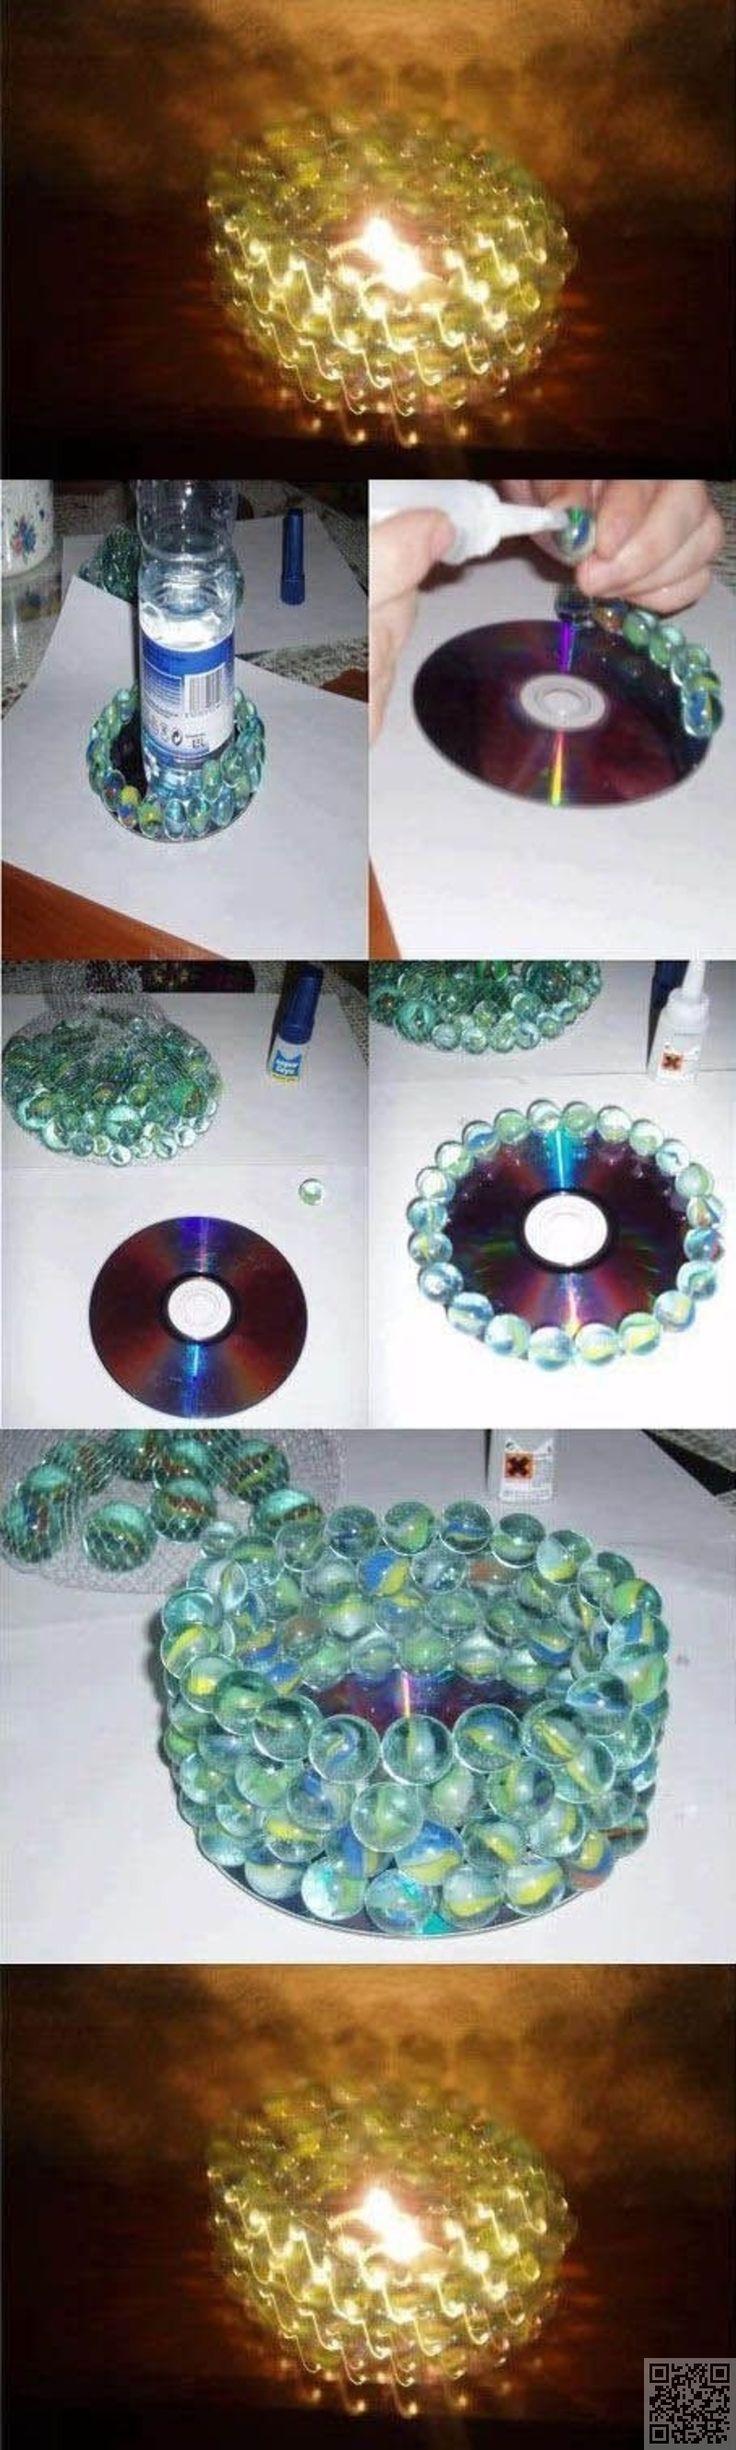 1000 id es sur le th me vieux cd sur pinterest cr ation de cd recyclage et tuis cd. Black Bedroom Furniture Sets. Home Design Ideas